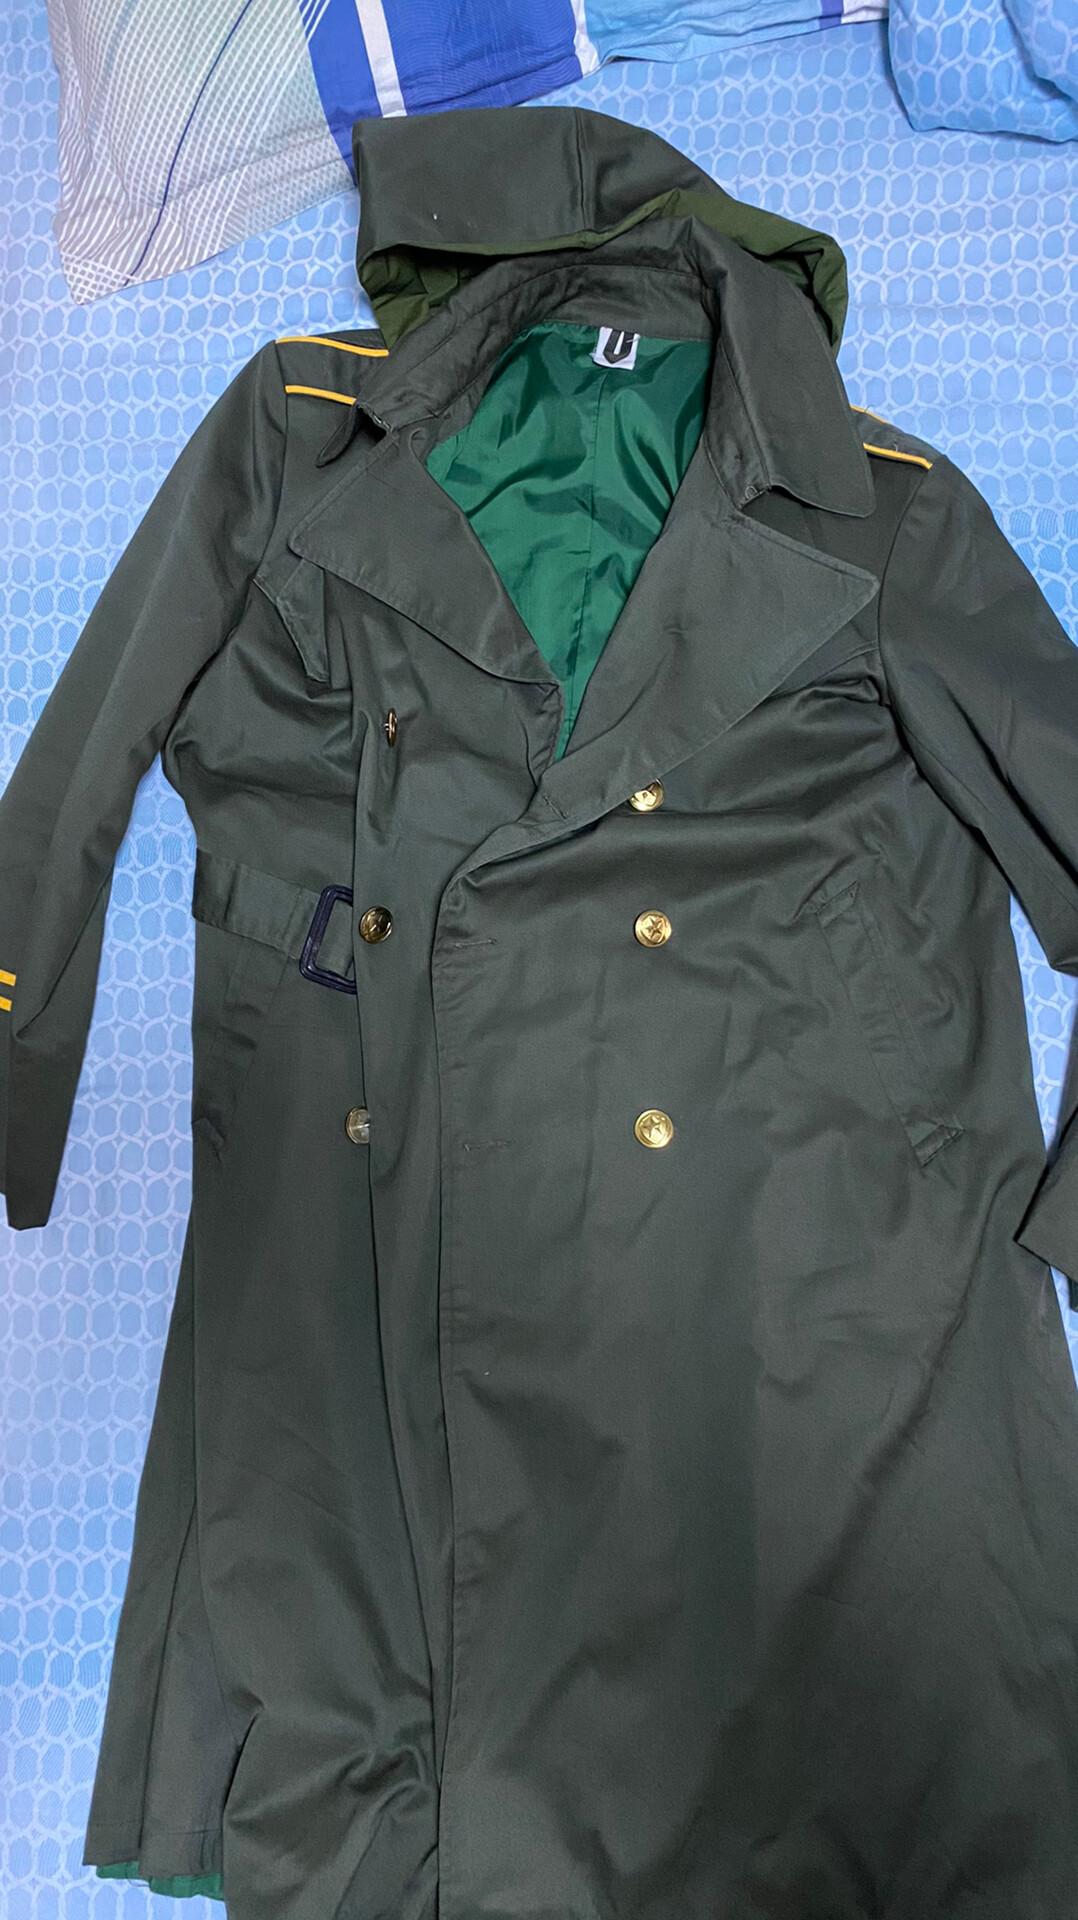 80年代带风帽的橄榄绿风衣,工安双黄线。1986年正一号。适